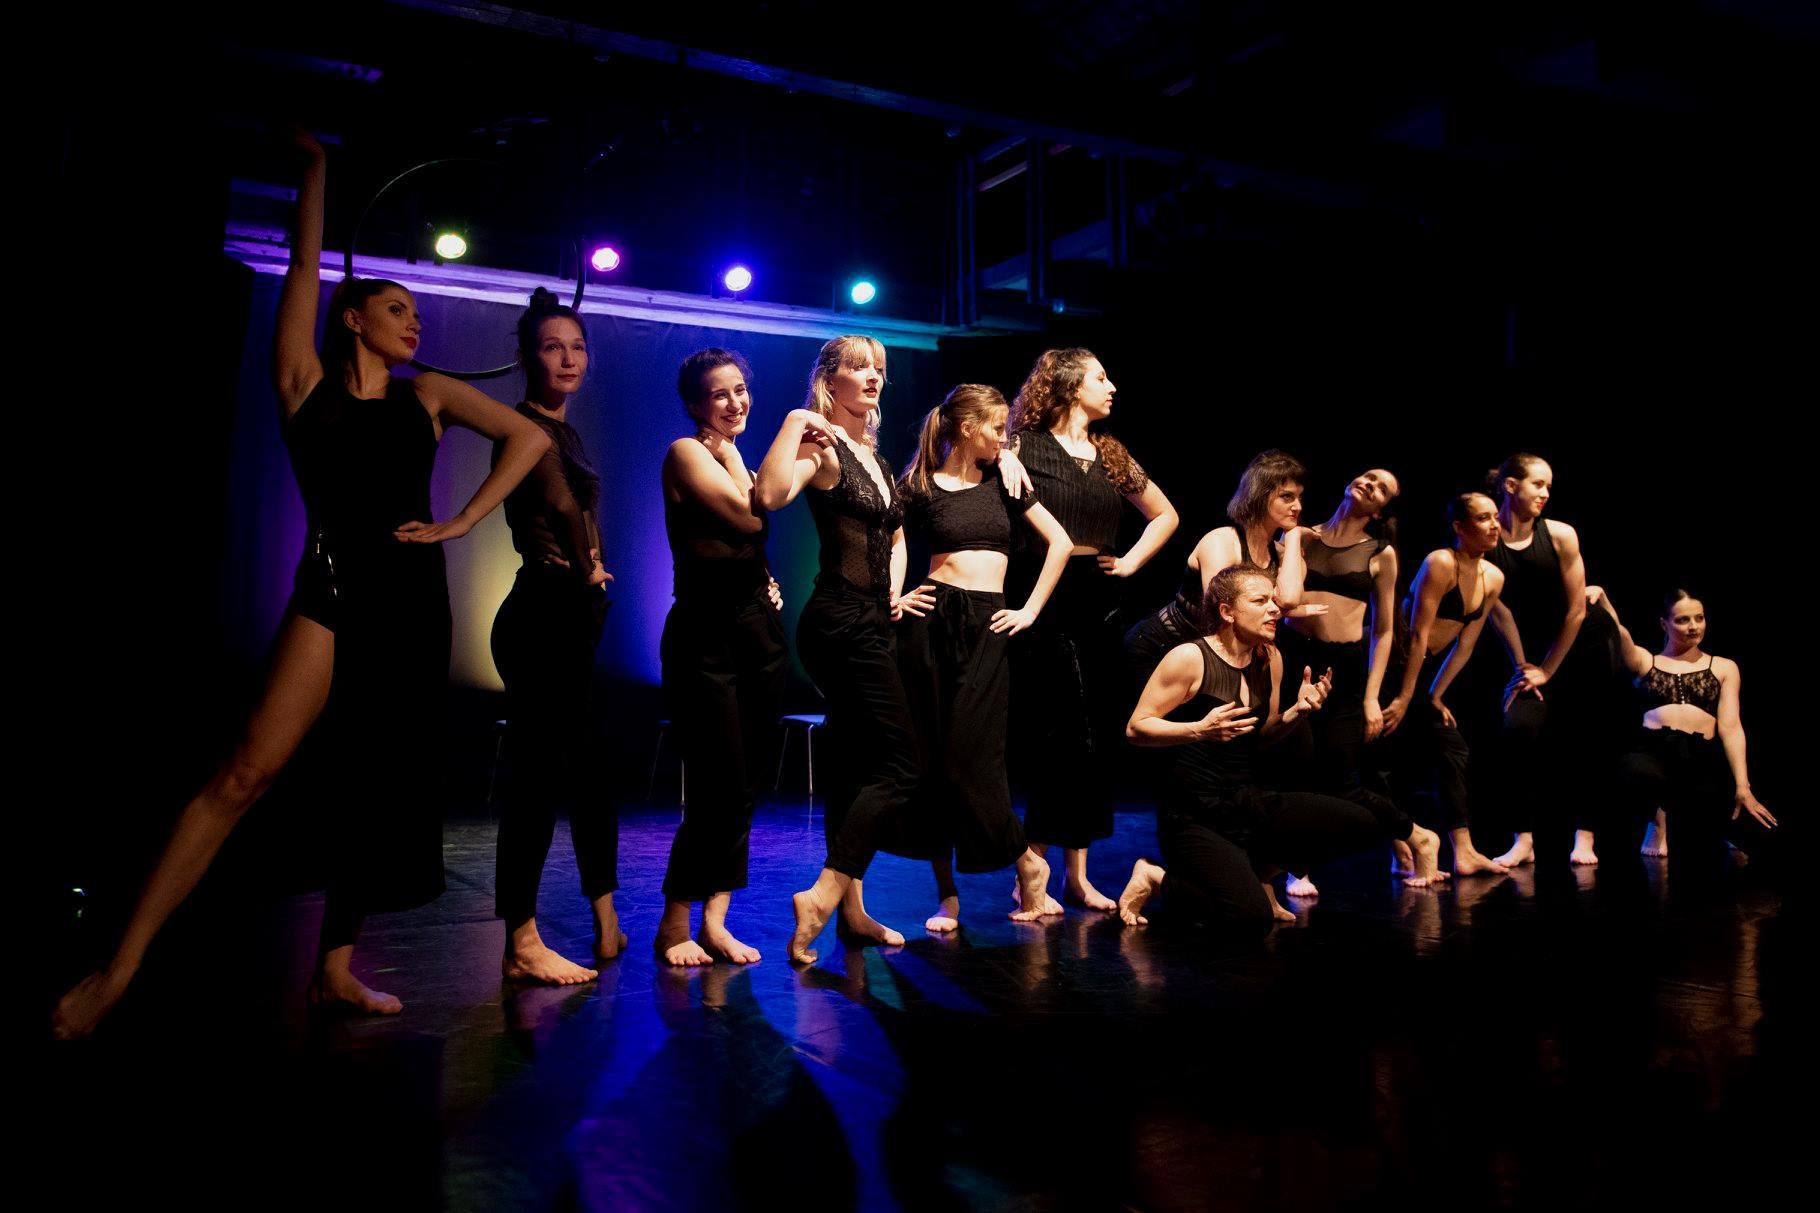 Predstavitev naših študentk na 12. Festivalu sodobnega plesa – KORPUS. 💃🕺